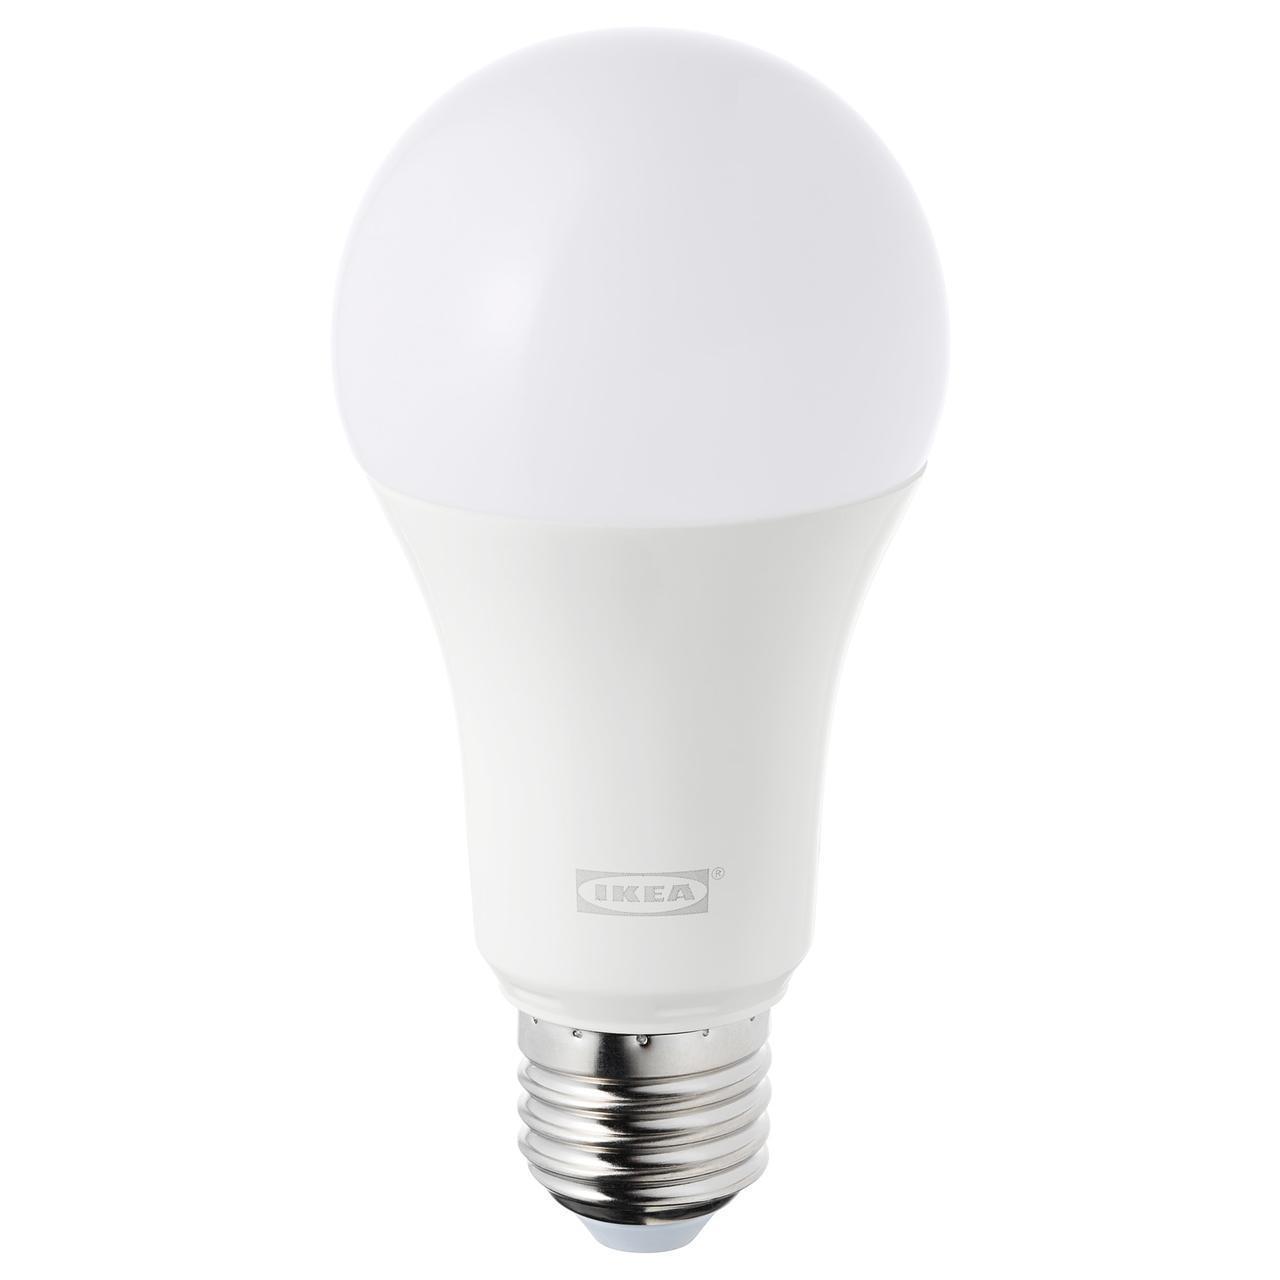 IKEA TRADFRI Светодиодная лампа E27 980 люмен, беспроводная регулировка яркости, белый спектр (103.182.63)